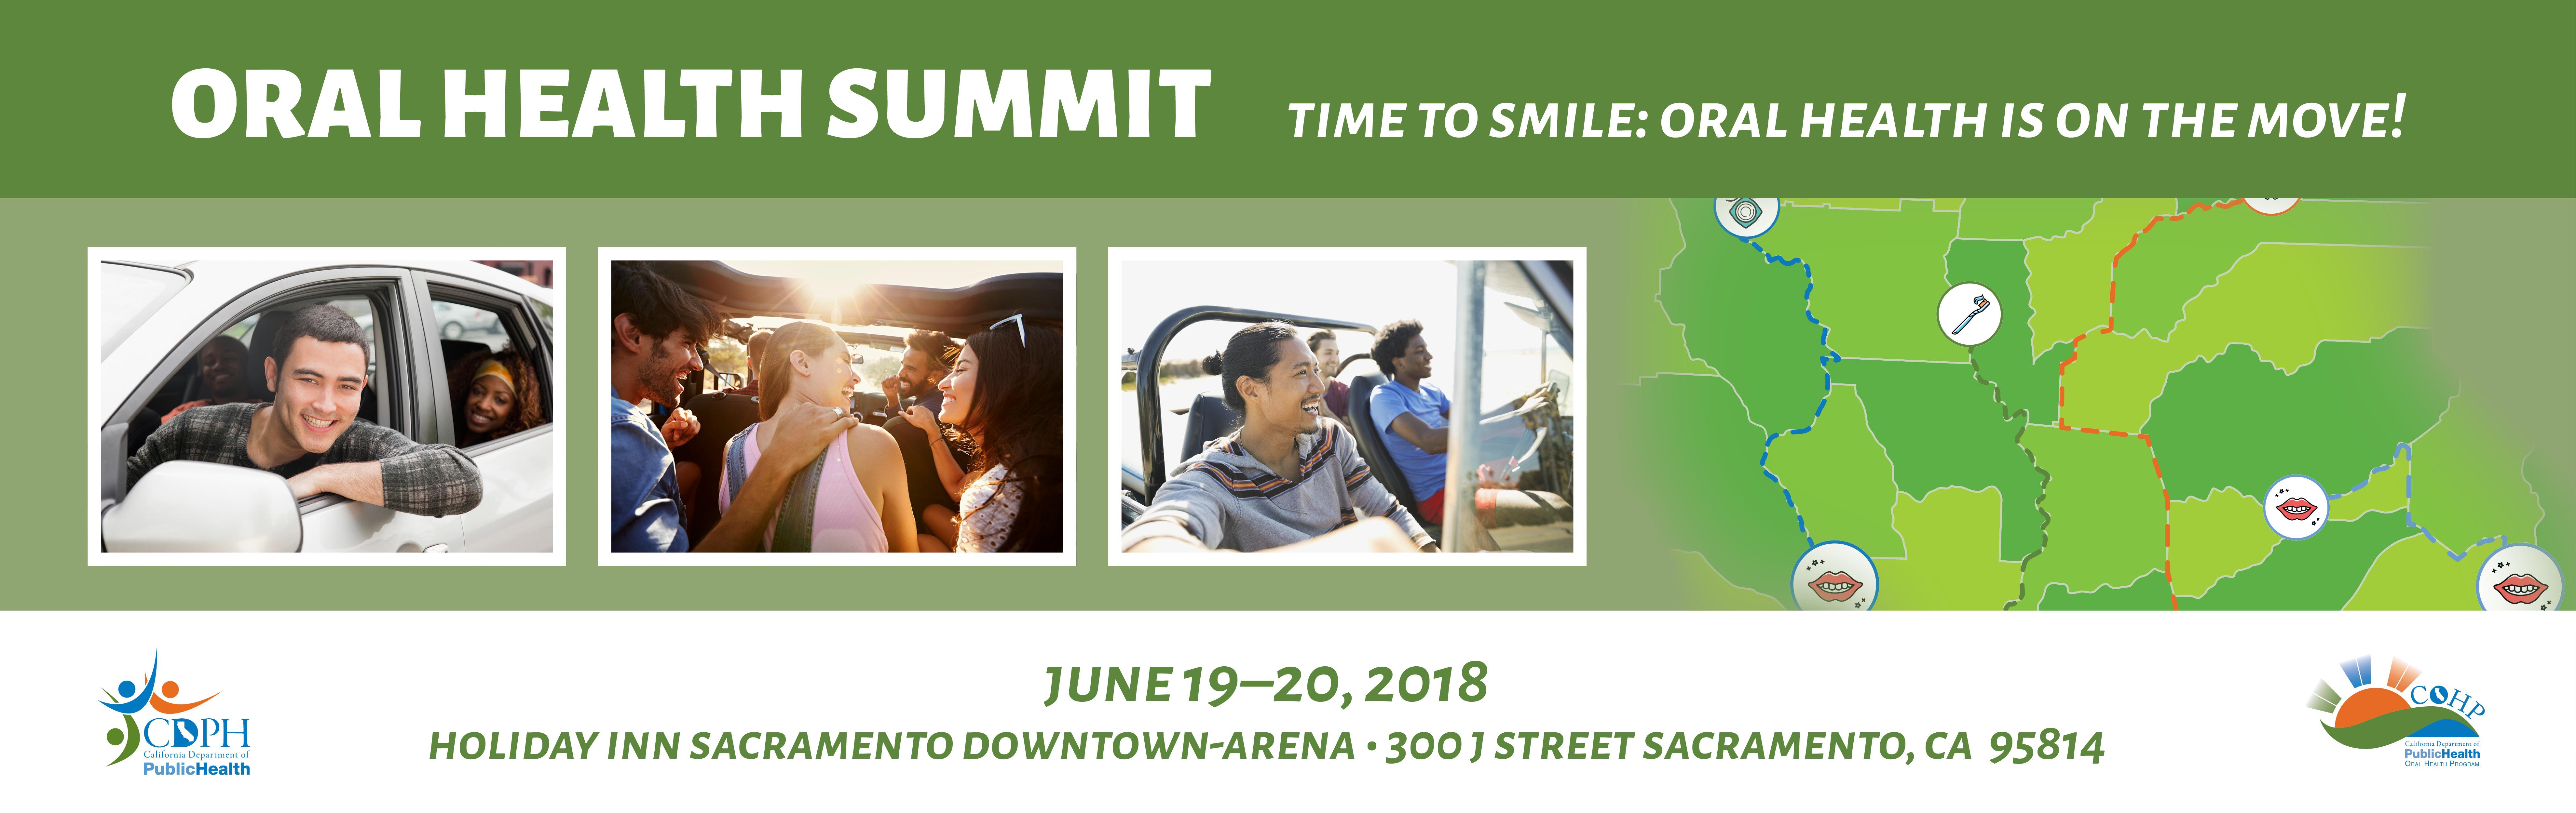 Oral Health Summit June 19-20, 2018